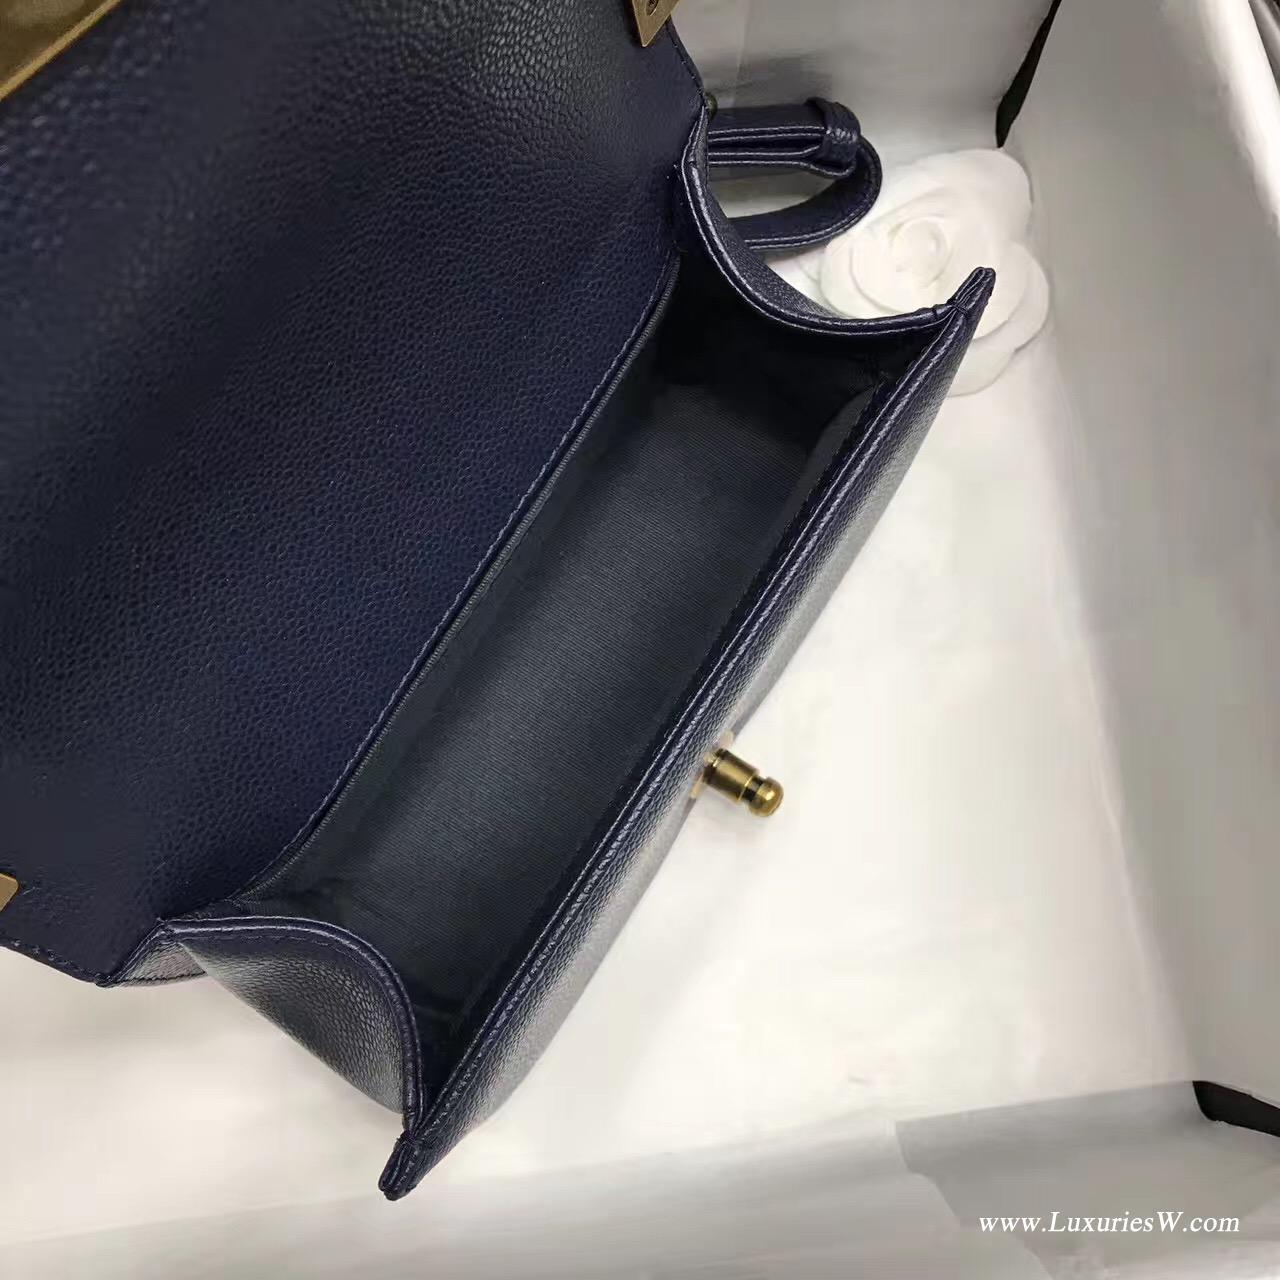 小香小號Leboy bag 20CM 口蓋包 海军蓝色魚子醬 顆粒壓花小牛皮與金色